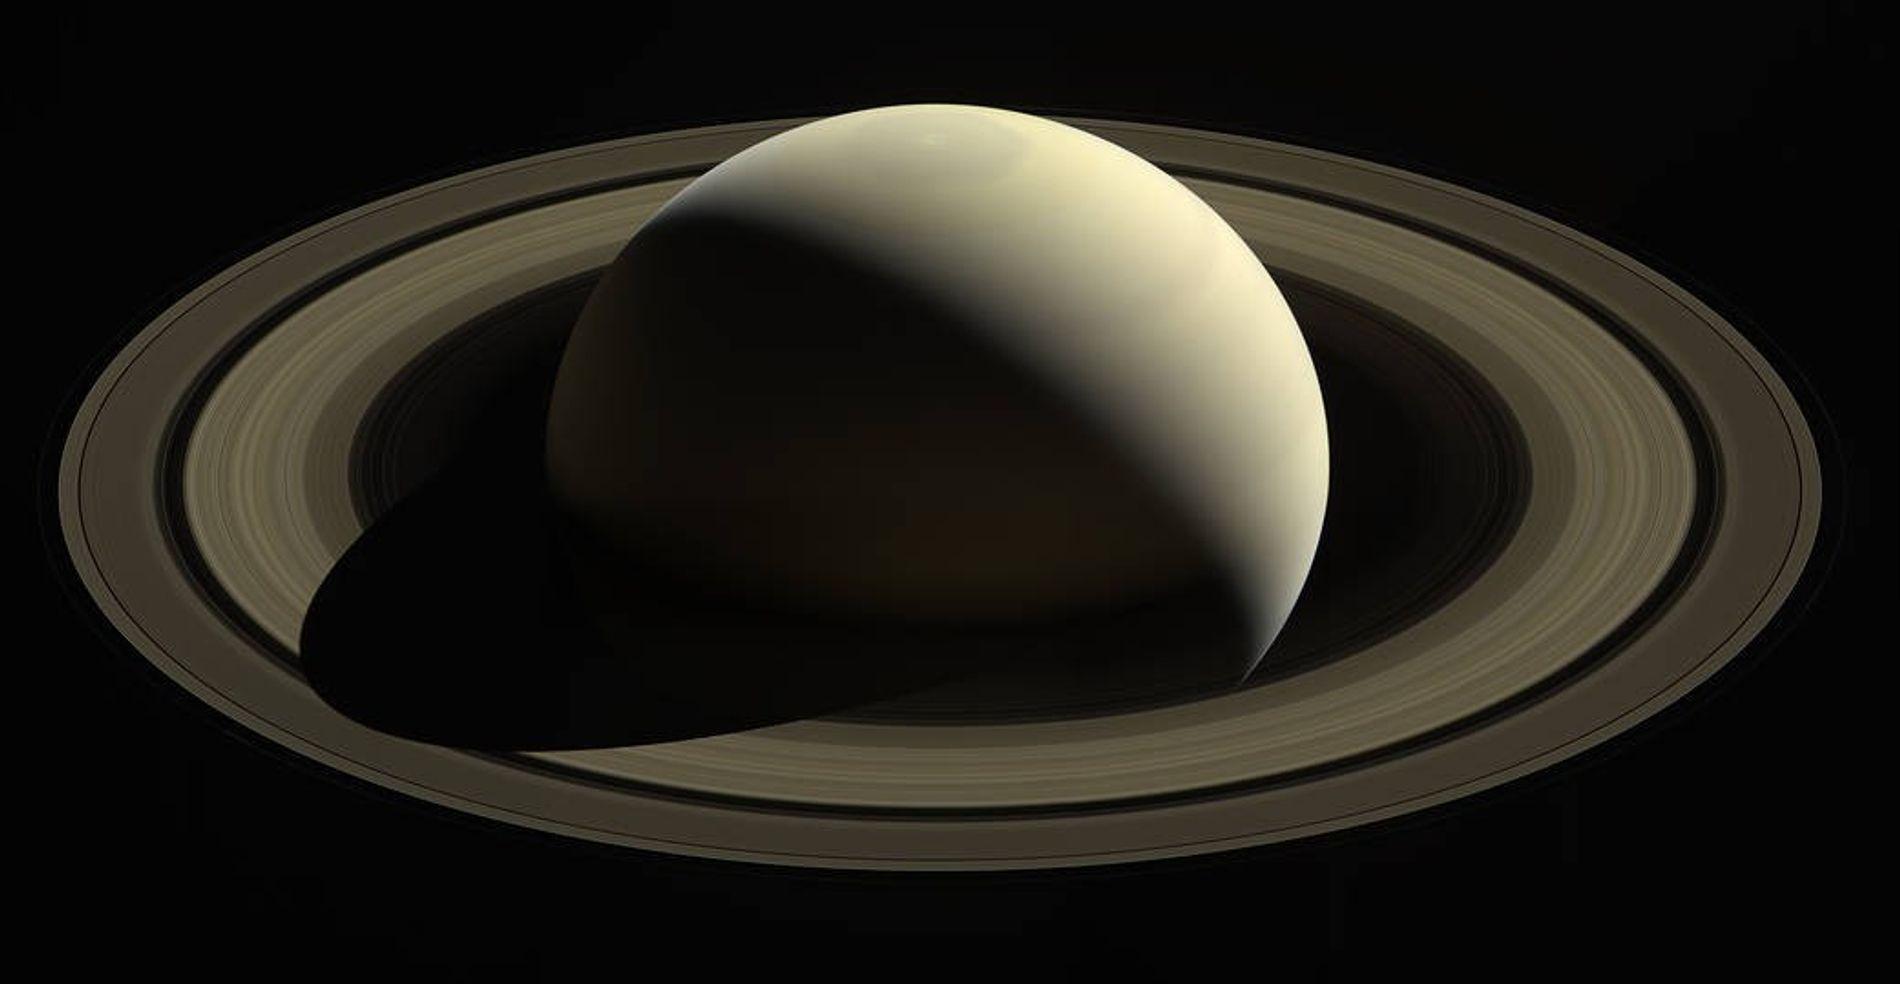 Imagens da sonda Cassini da NASA, captadas em outubro de 2016.